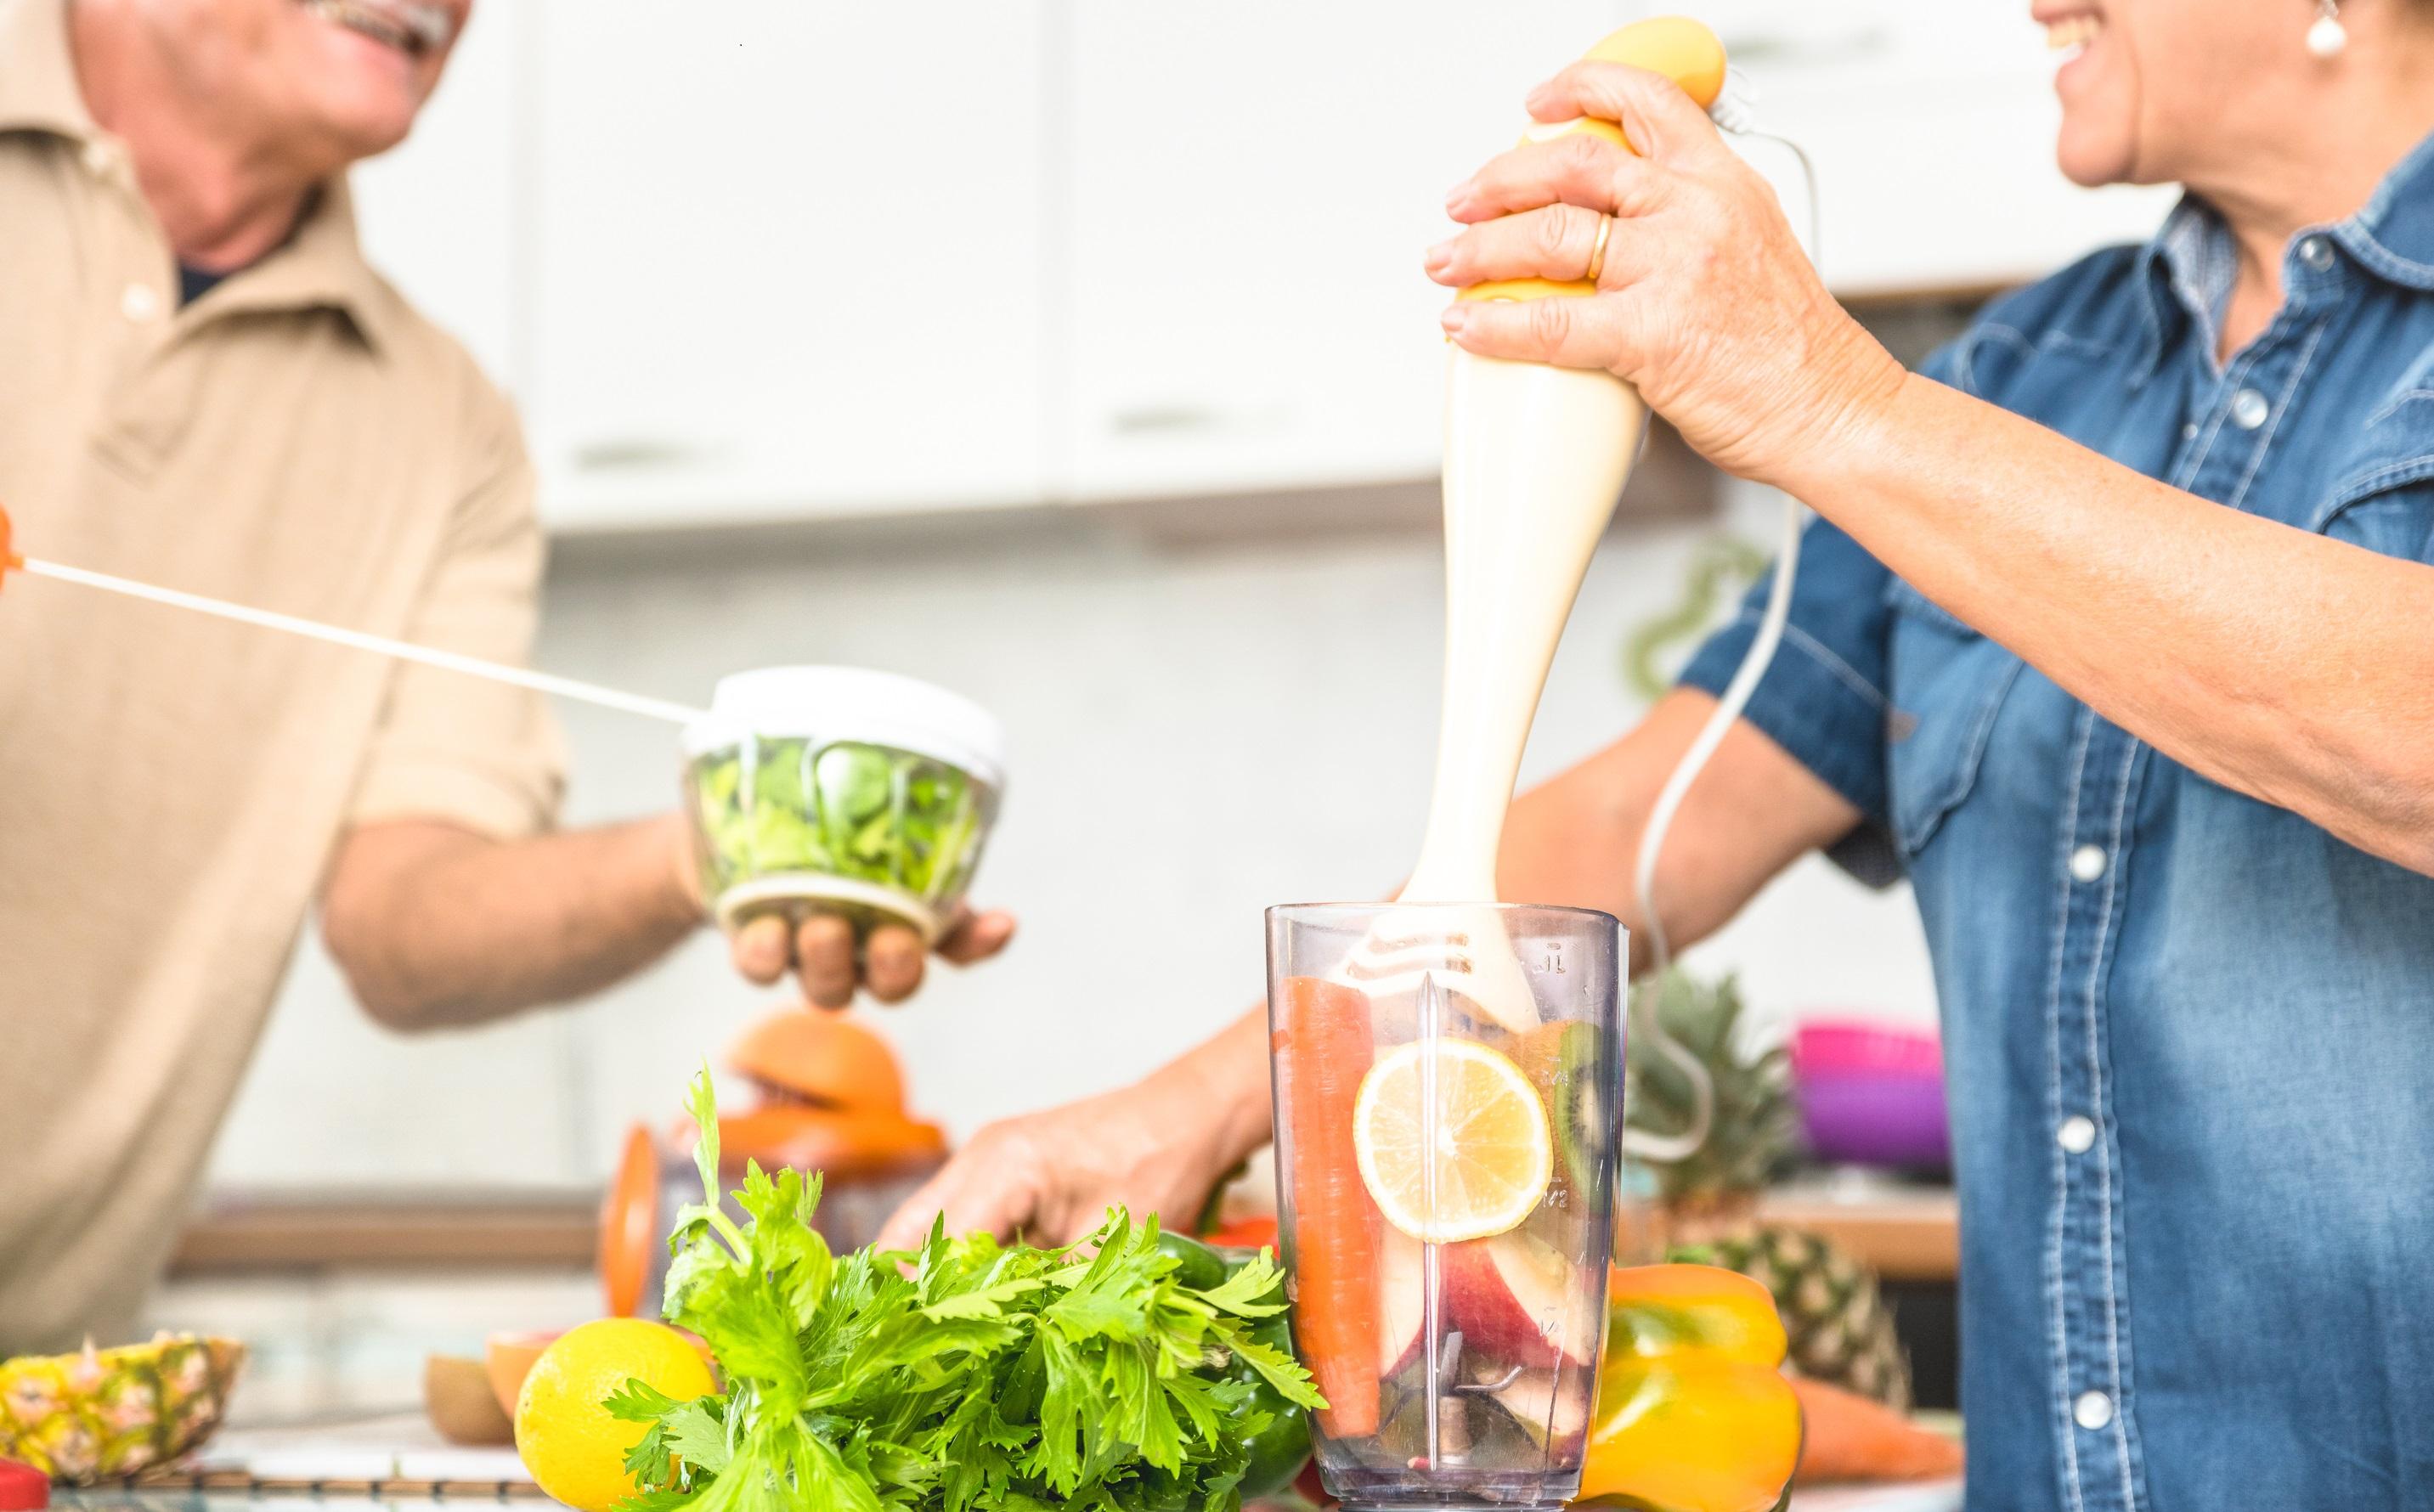 zdrowe odżywianie seniorów